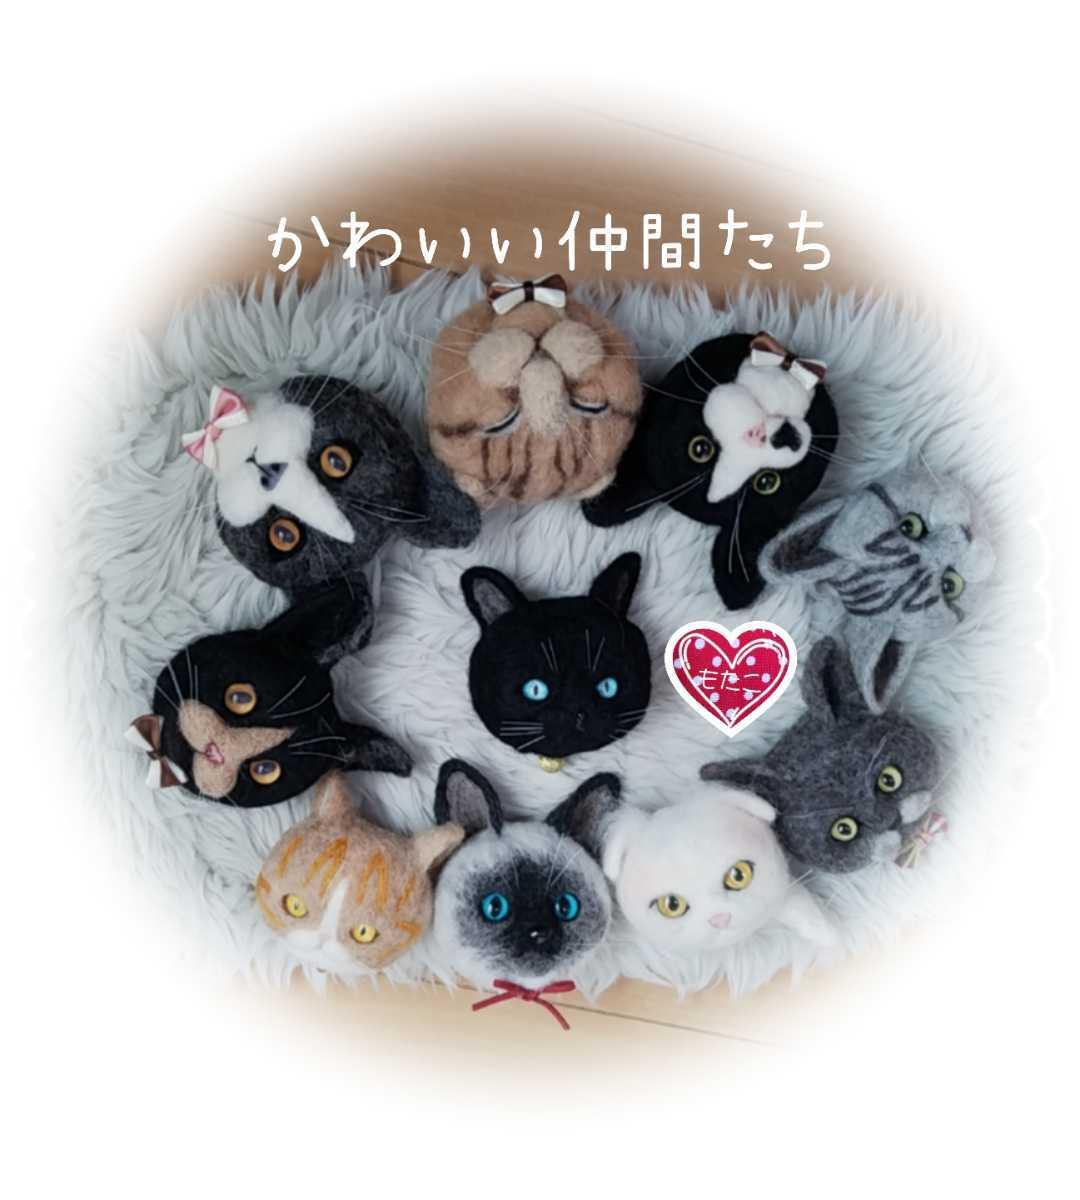 ハンドメイド 羊毛フェルト スコティッシュフォールド ハチワレスコティッシュフォールド 羊毛フェルト猫 猫ストラップ 猫チャーム _画像9